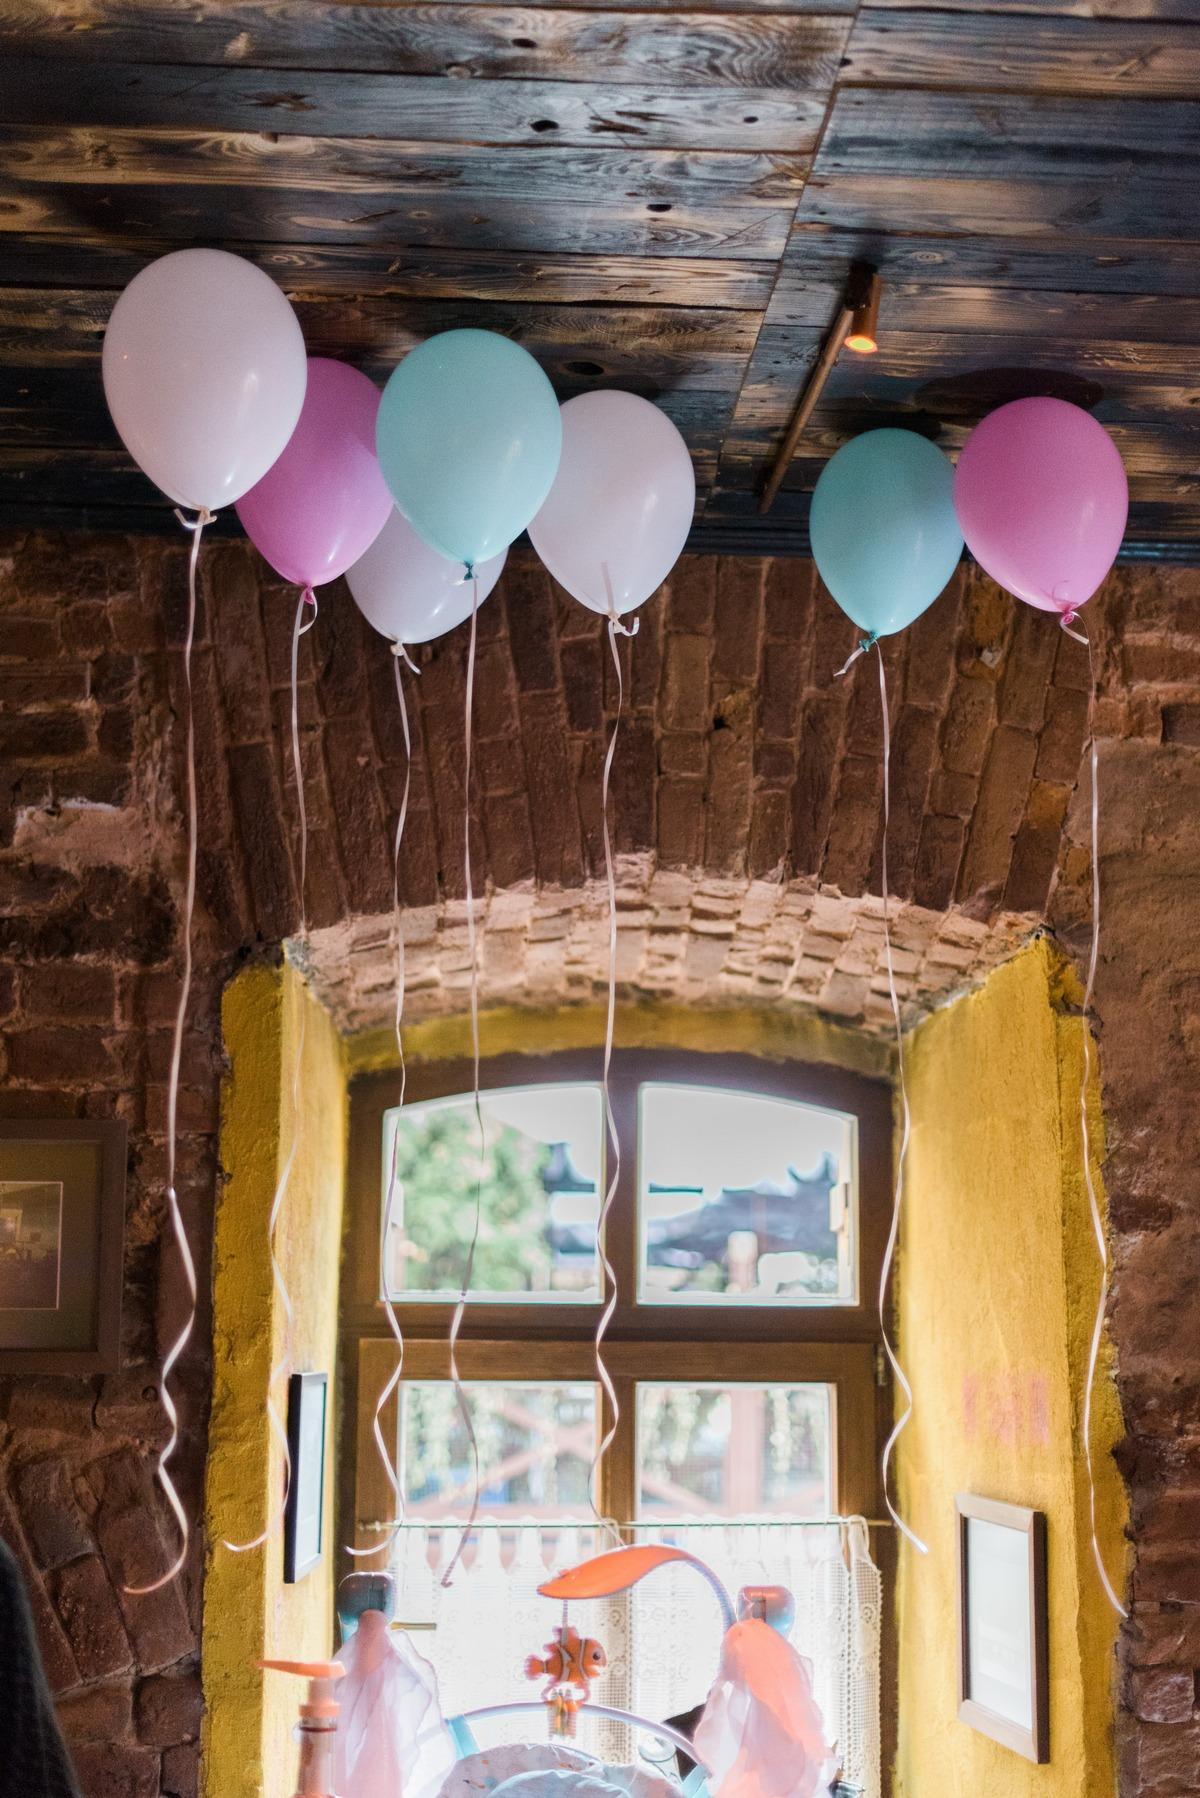 helio para fiestas - globos en el techo